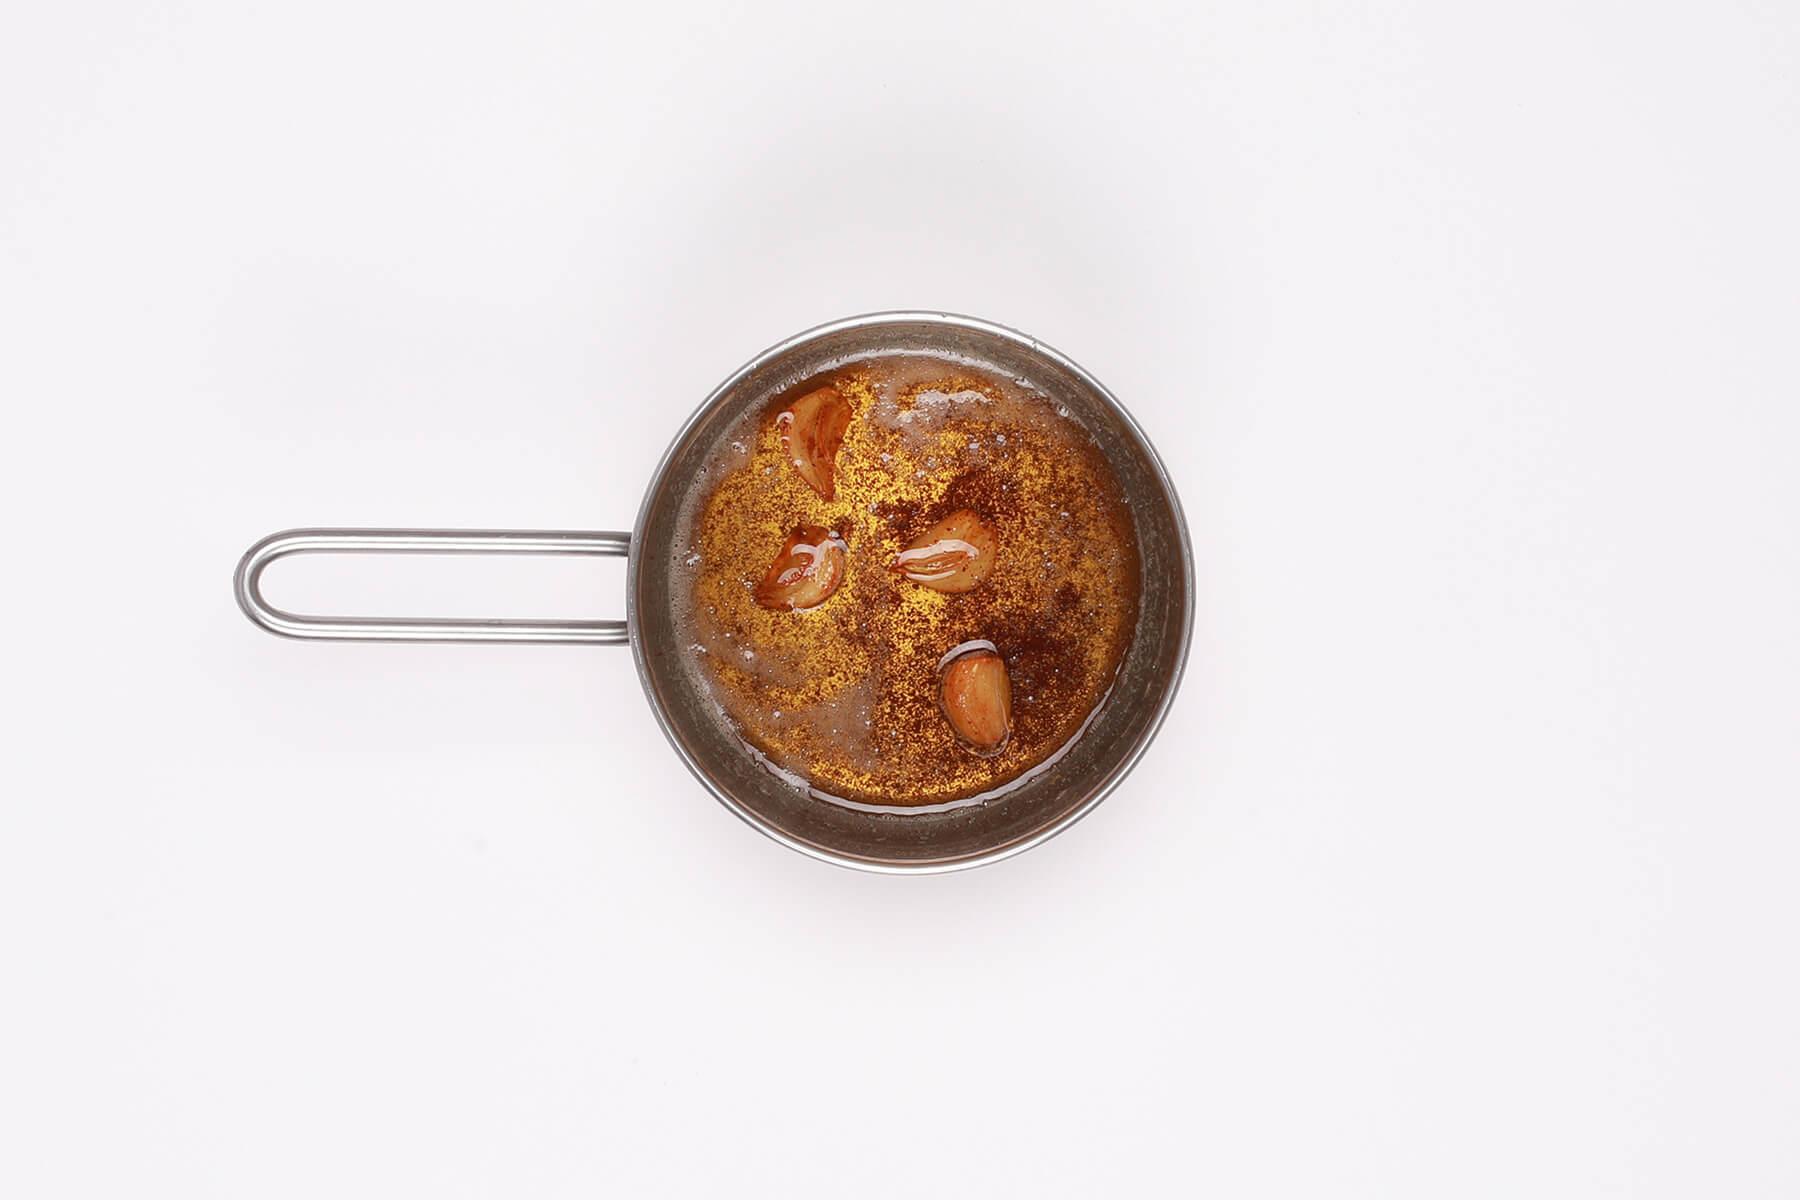 Burro doratura Ricetta pizzoccheri con coste - Ricette Pizzoccheri